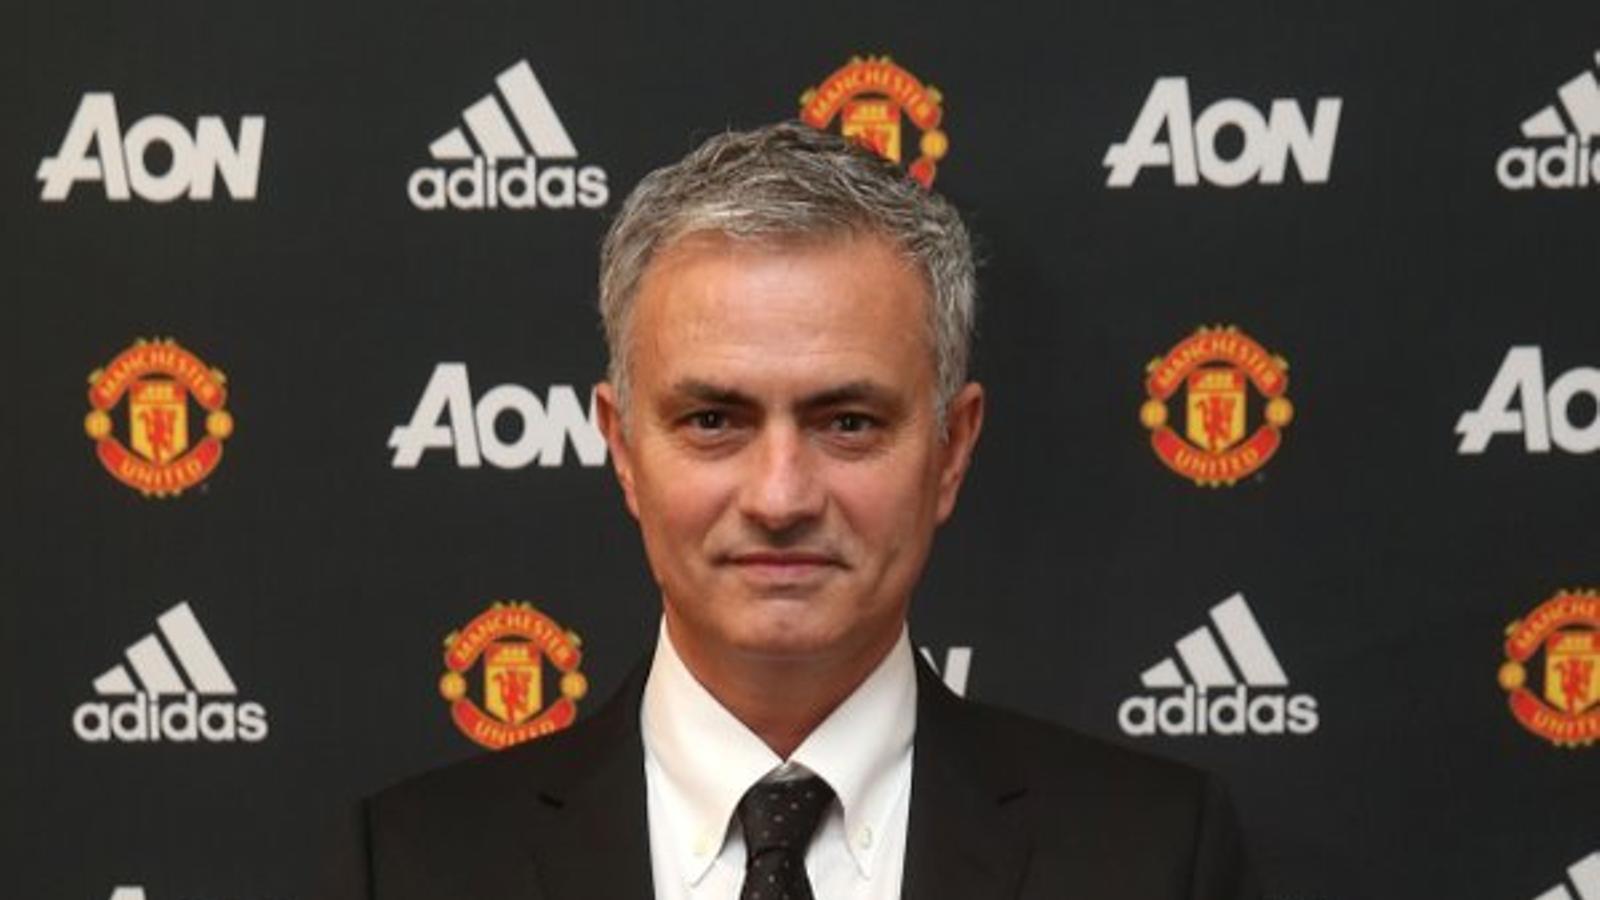 José Mourinho ha estat presentat com a nou tècnic del Manchester United